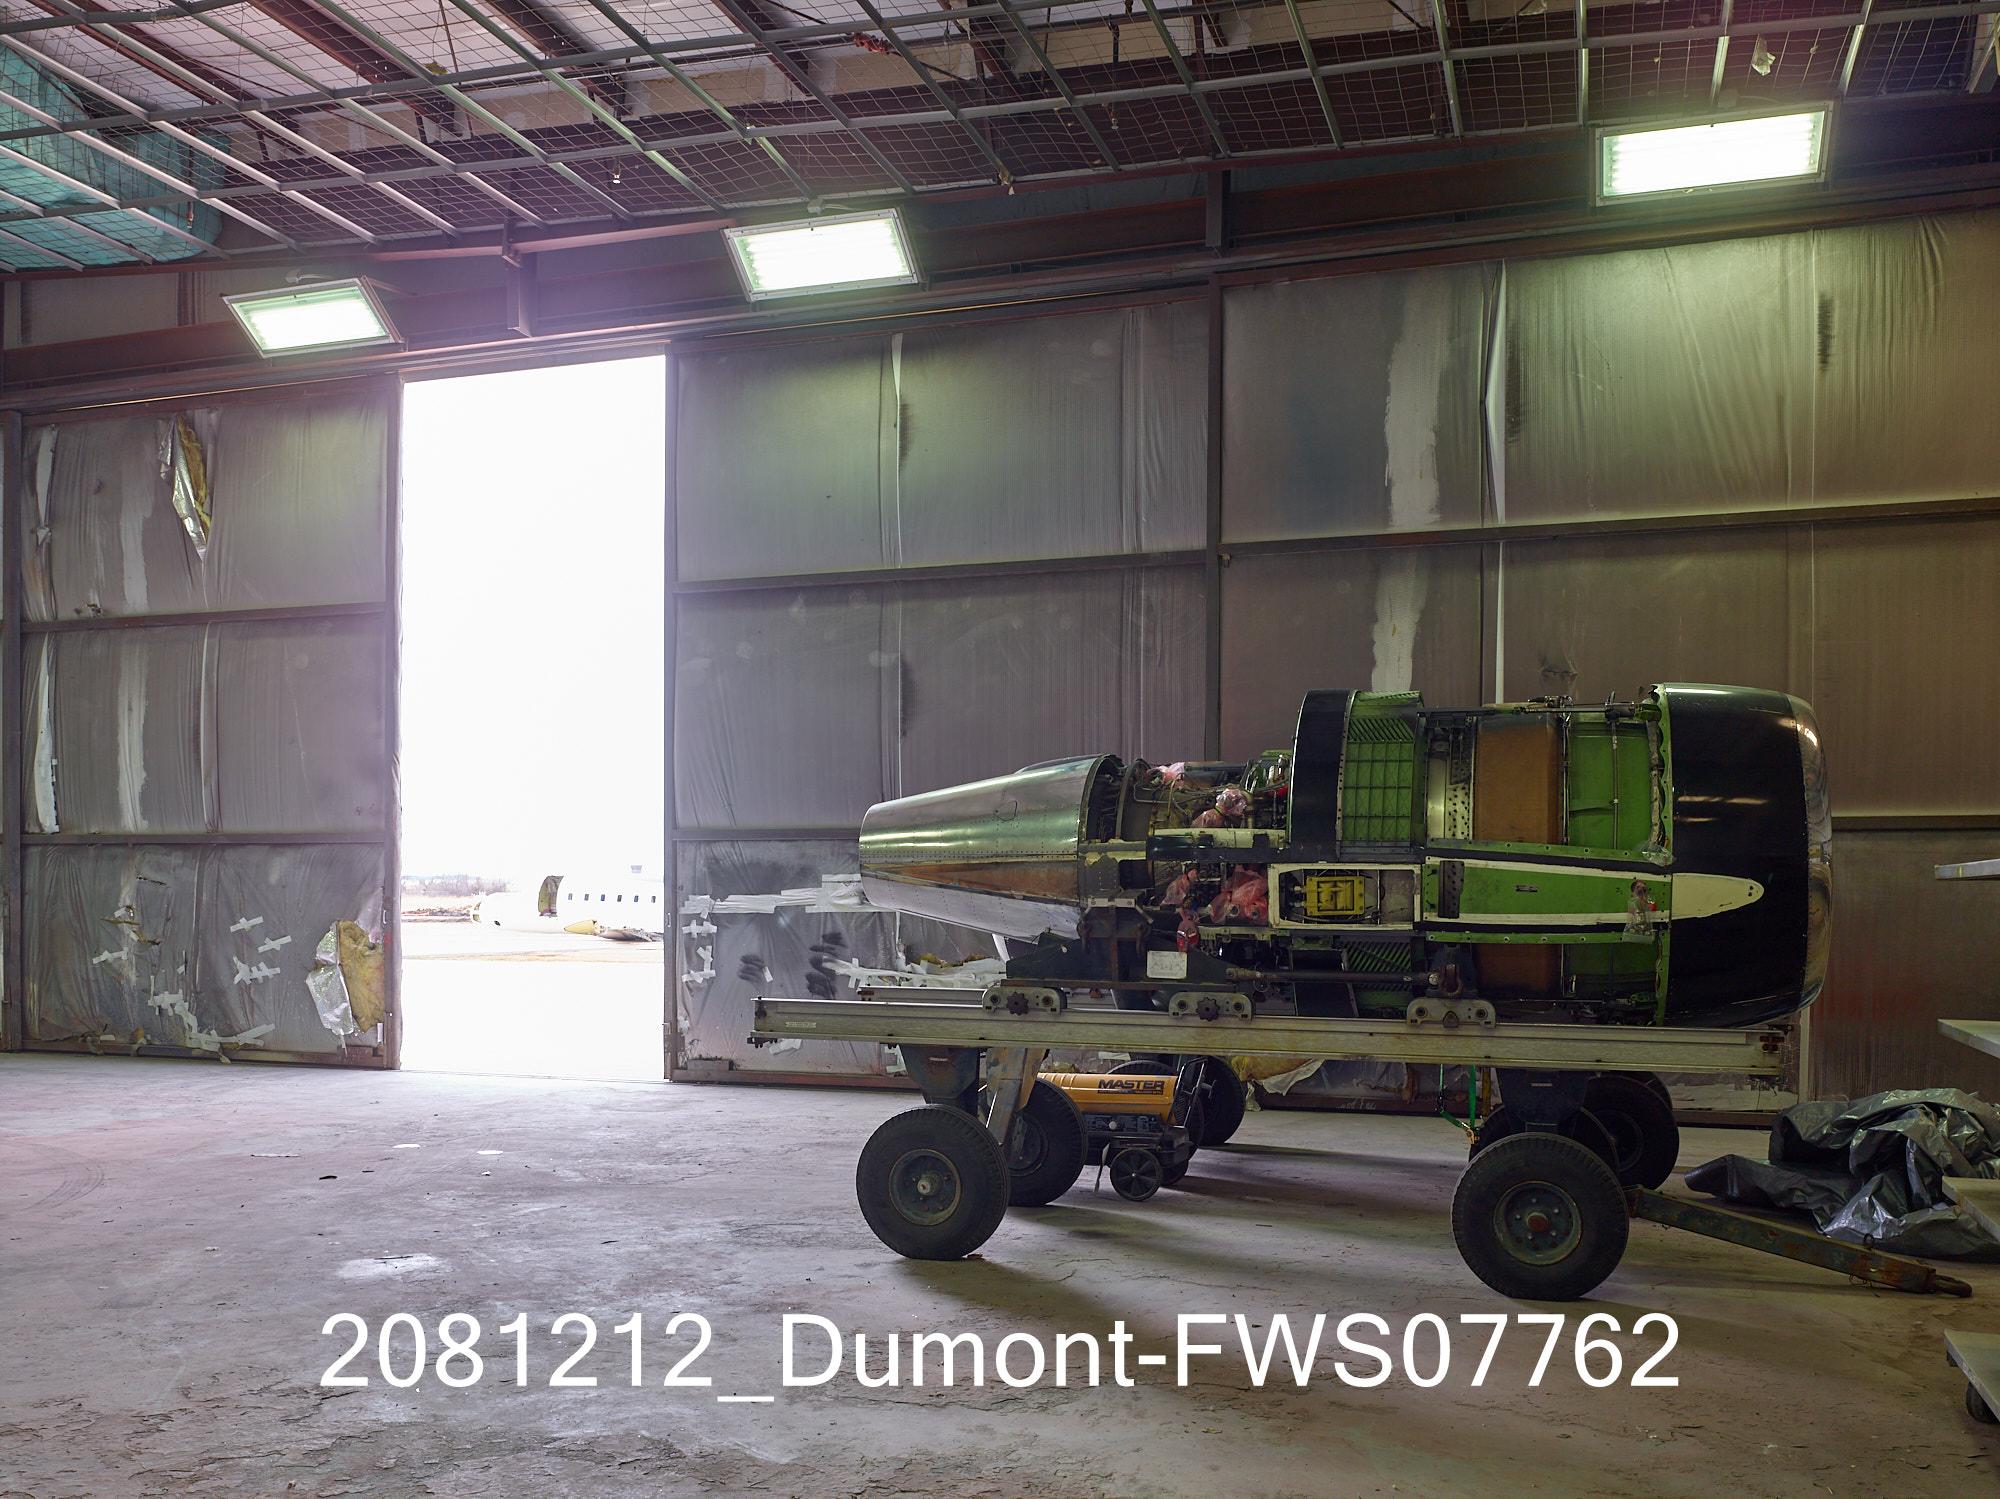 2081212_Dumont-FWS07762.jpg